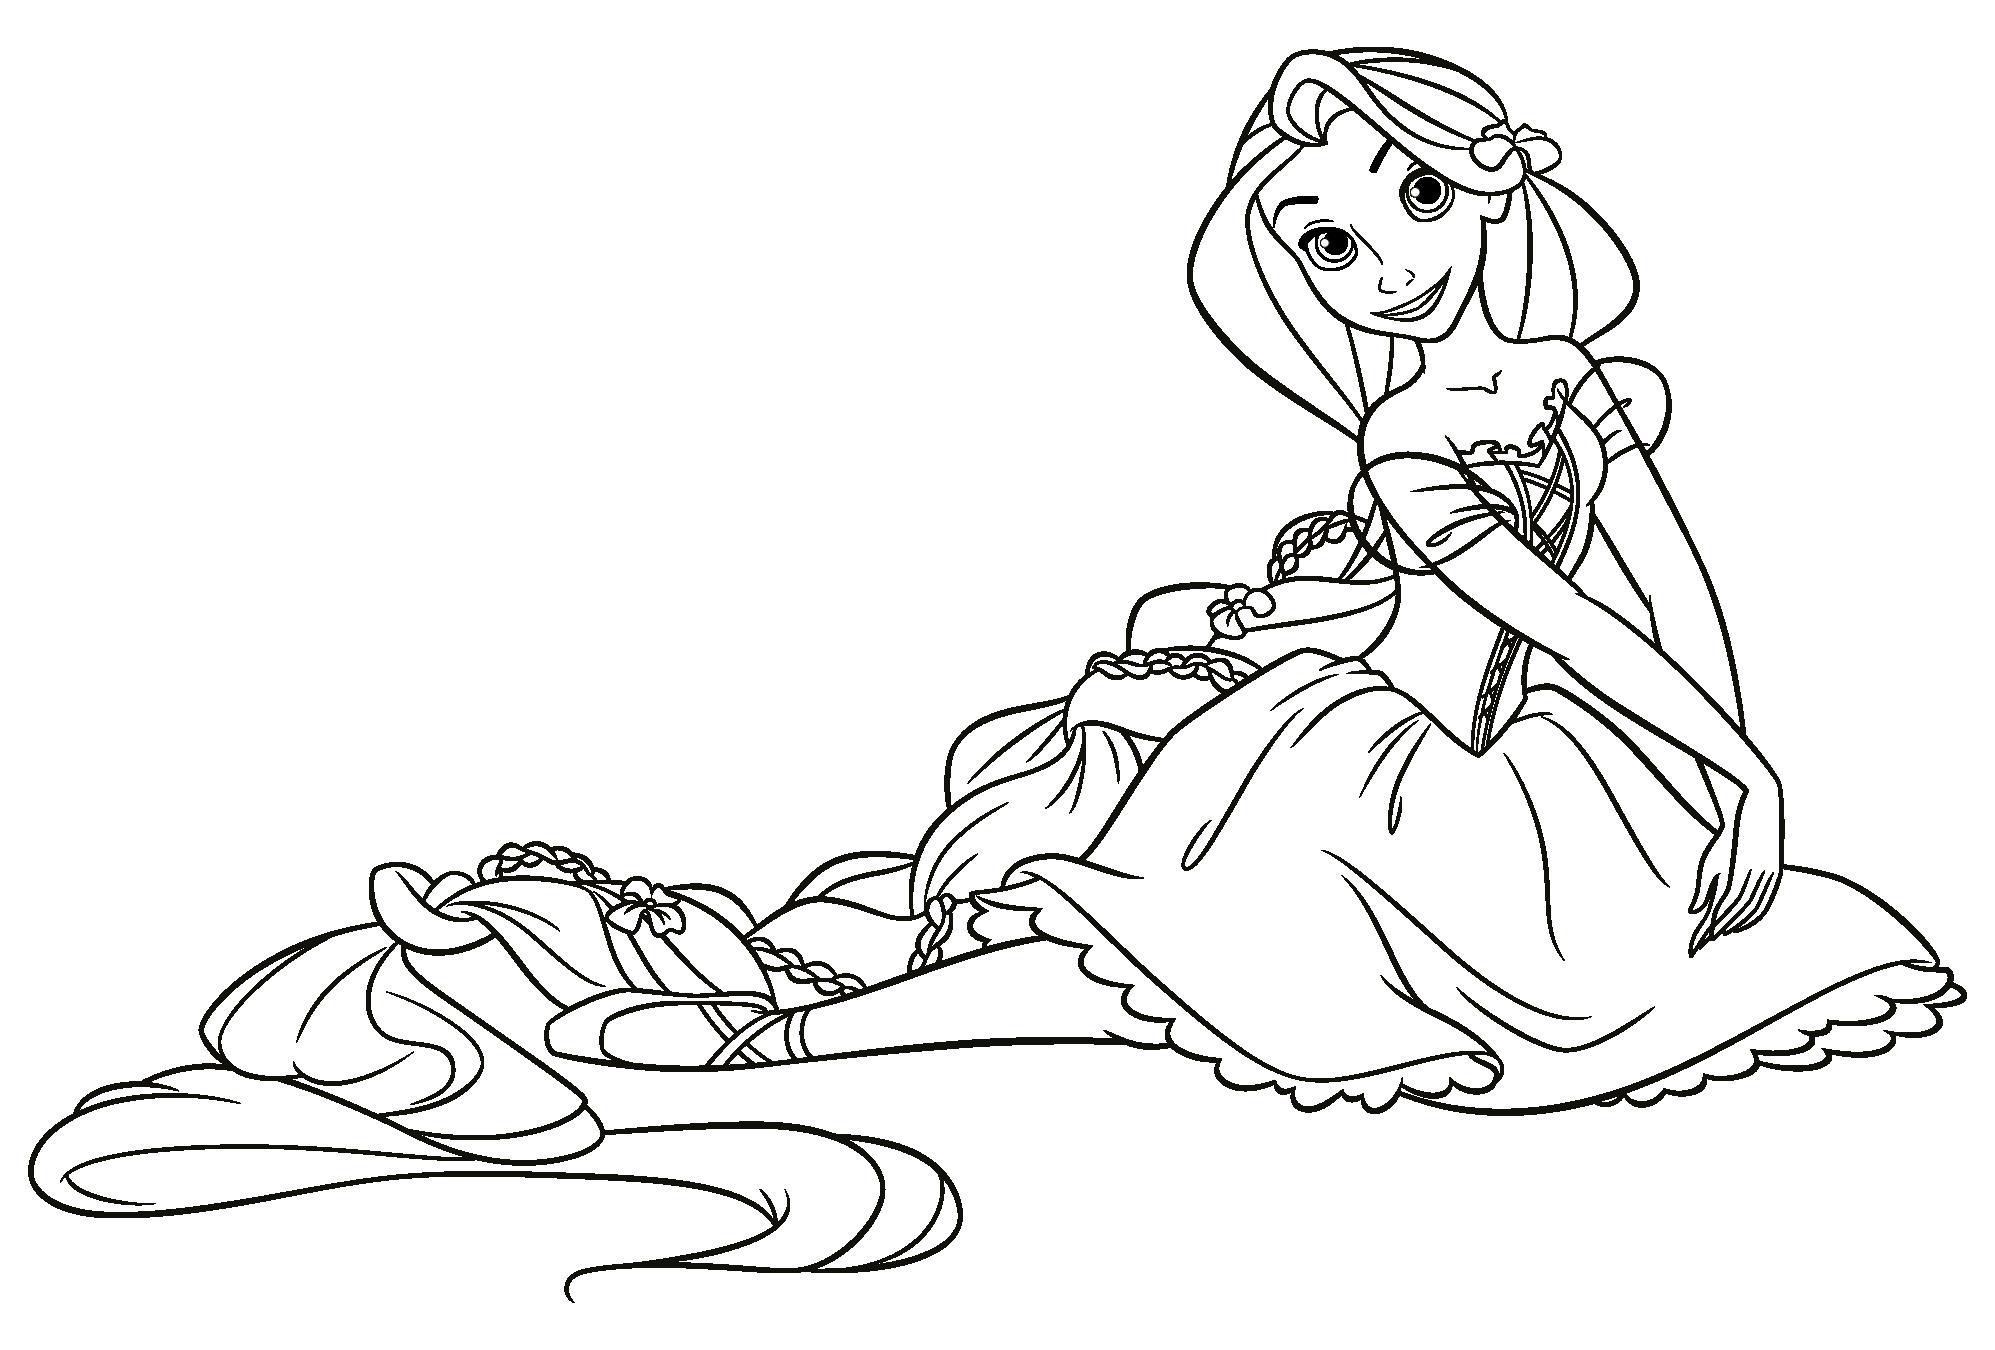 Disegni da colorare disney princess timazighin for Disegni da colorare e stampare di rapunzel